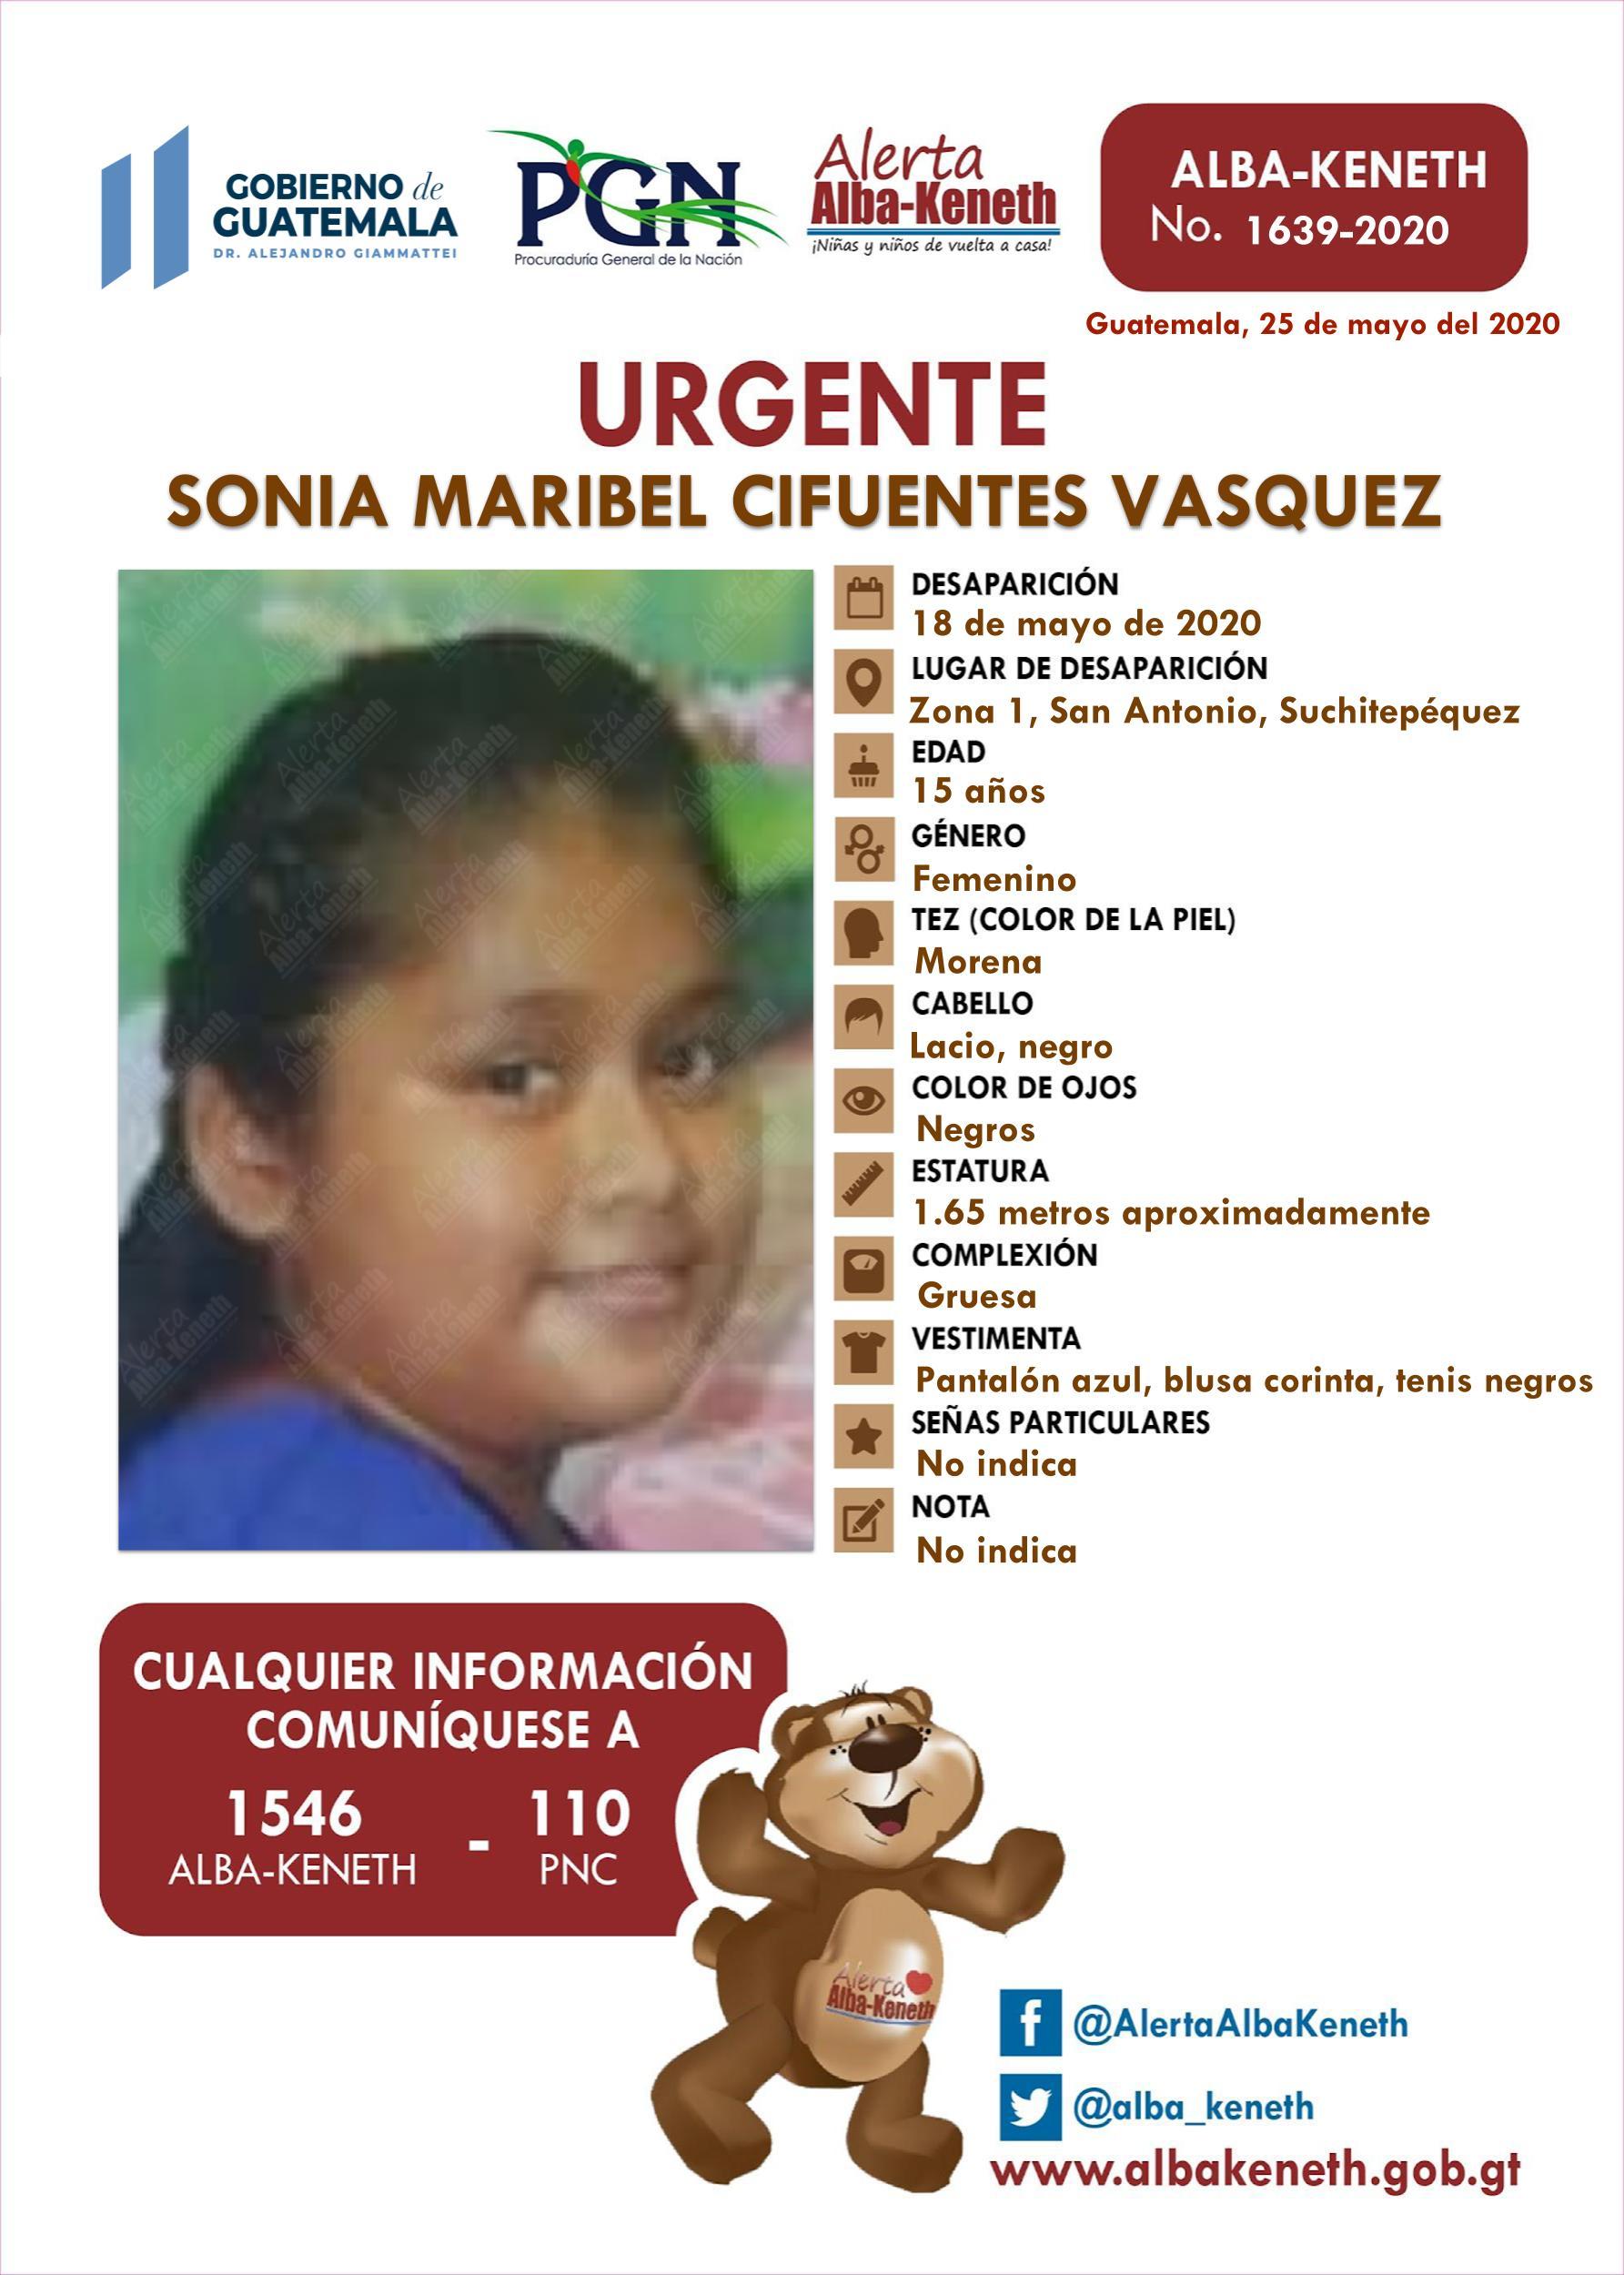 Sonia Maribel Cifuentes Vasquez